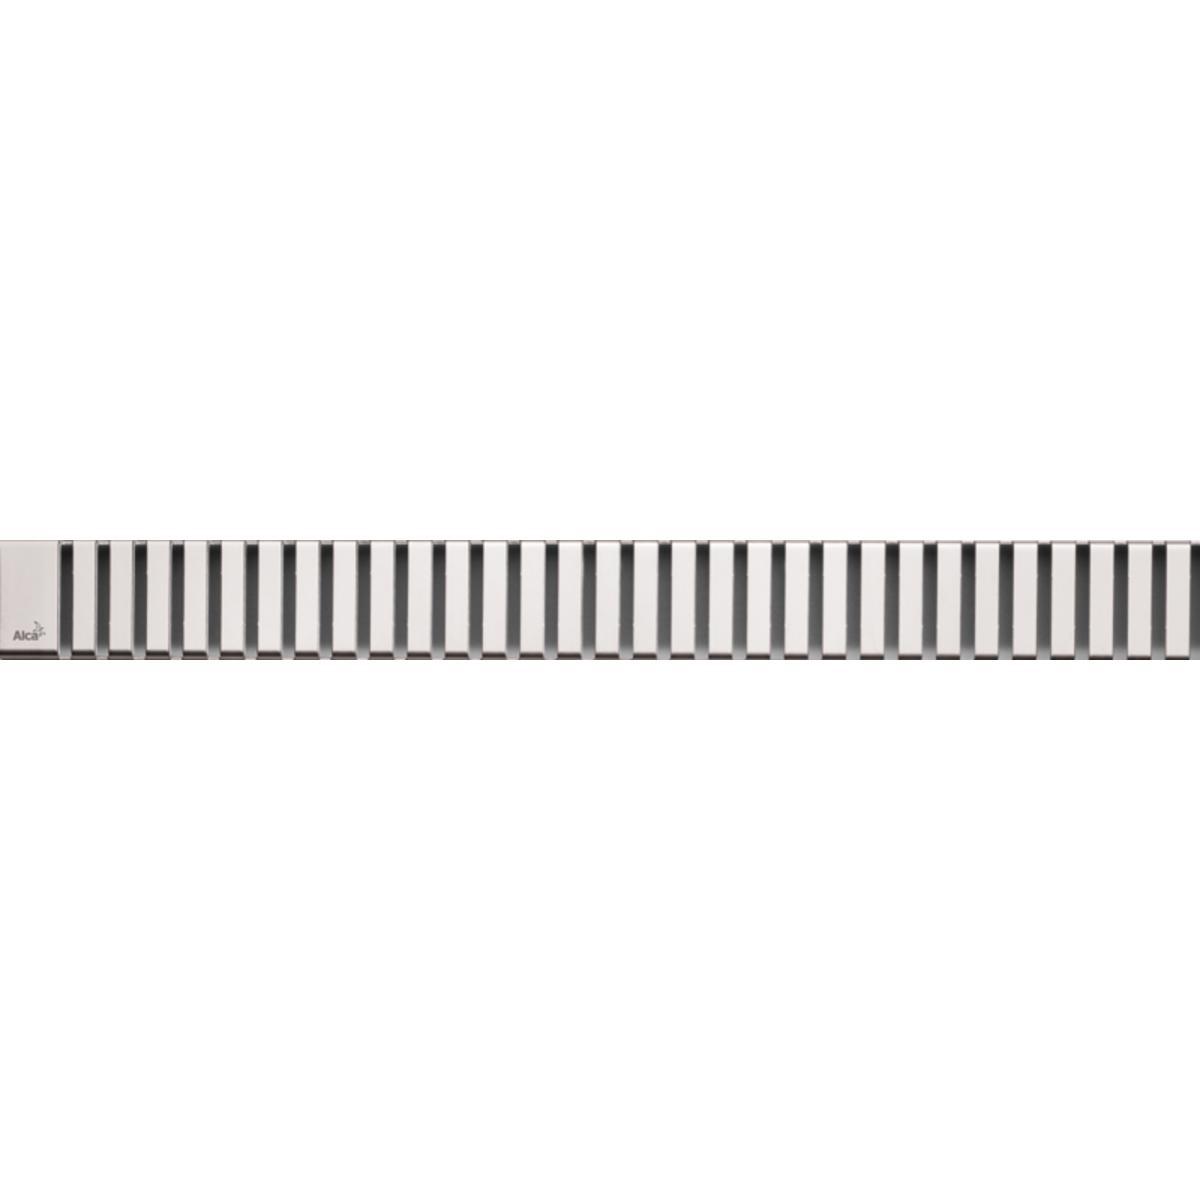 Решетка для трапа AlcaPlast LINE-950L глянцевая